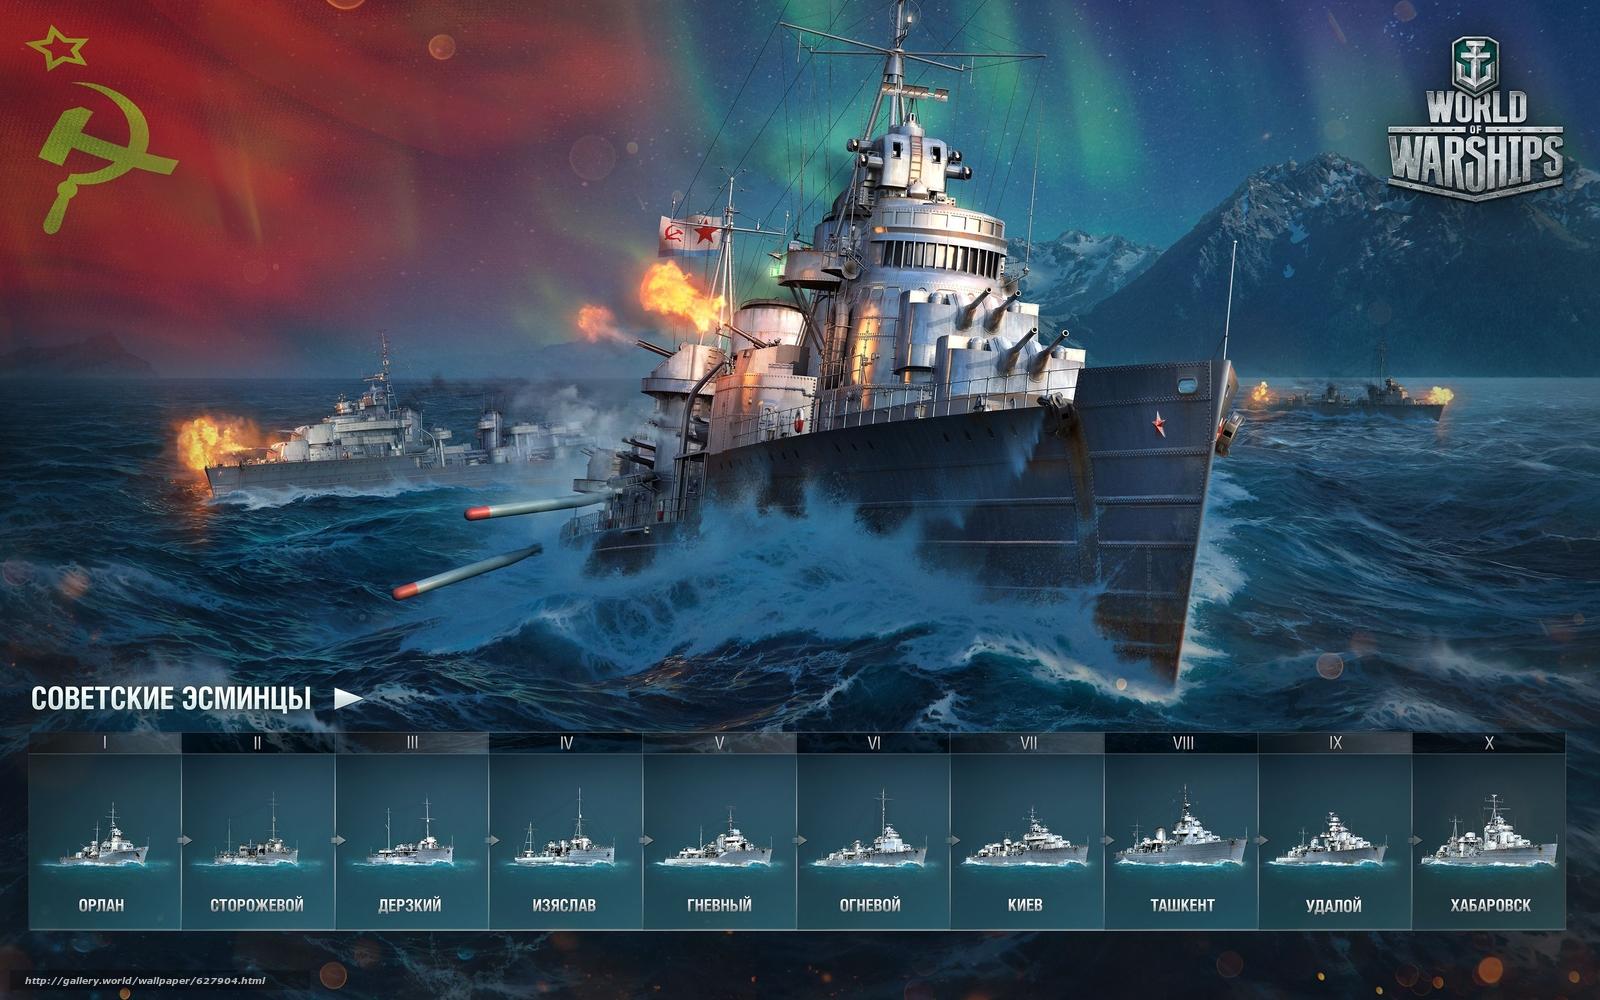 Скачать на телефон обои фото картинку на тему World of Warships, Мир Кораблей, морской бой, корабли, эсминцы, знамя, разширение 3500x2188